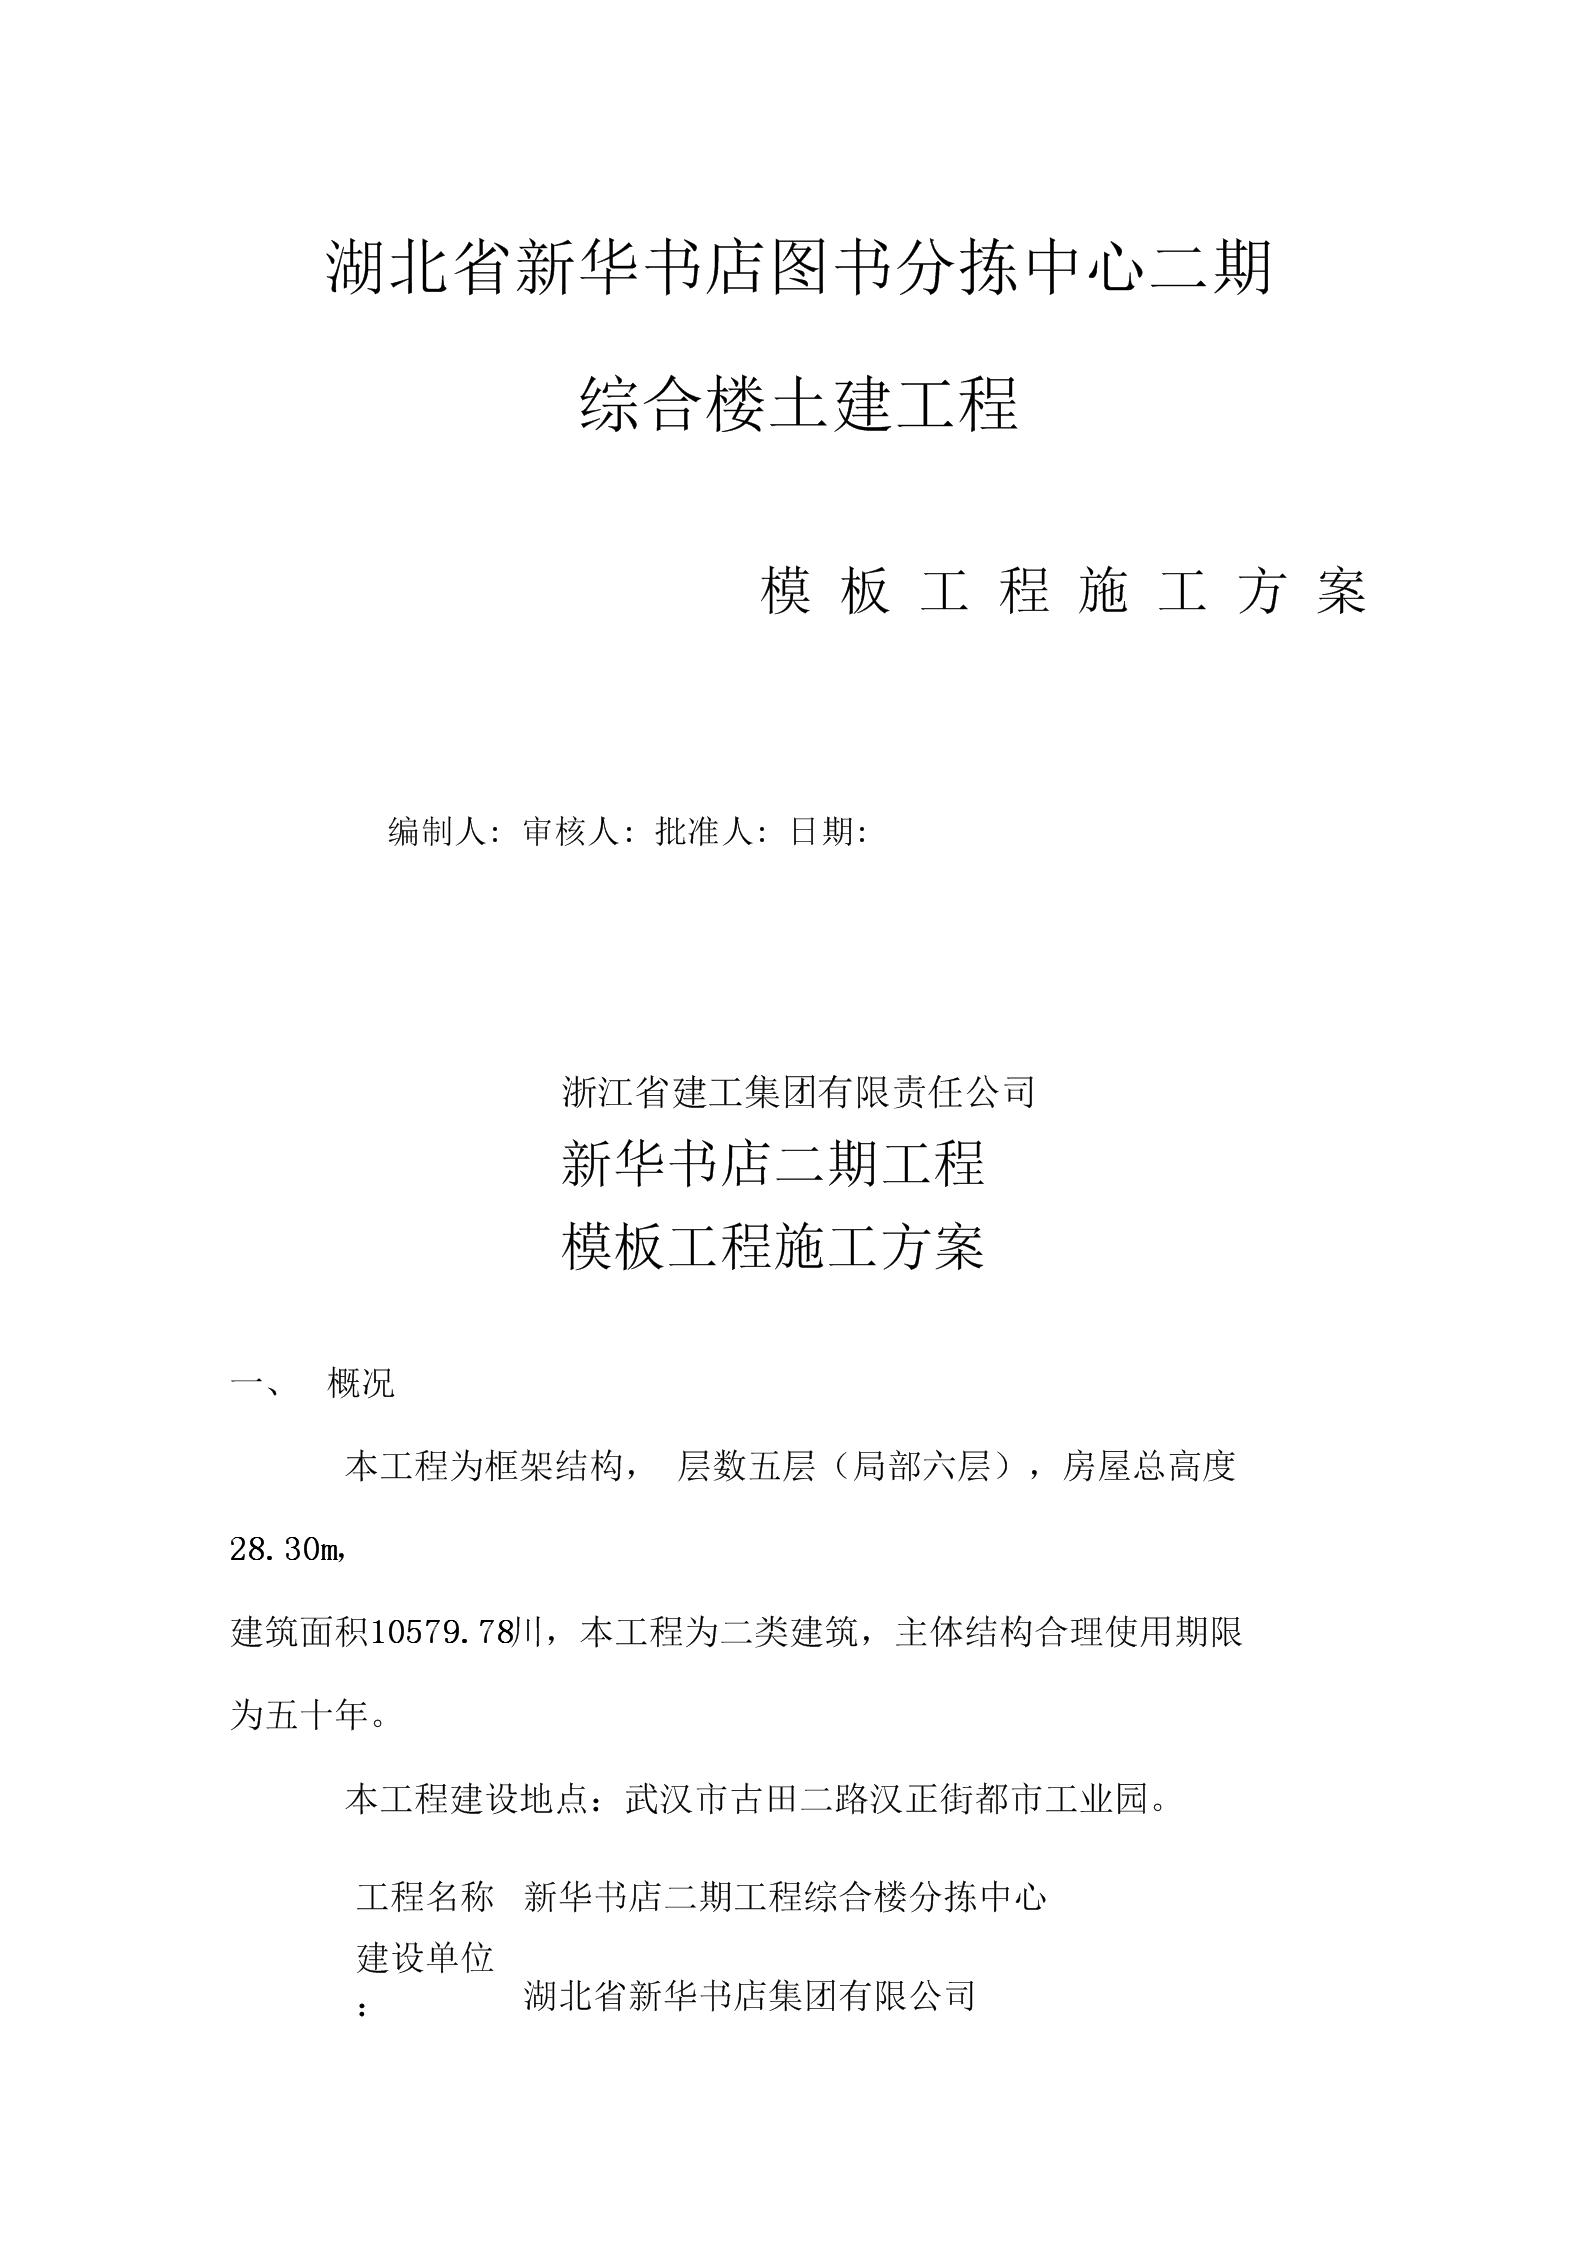 新华书店木工支模施工方案修.docx